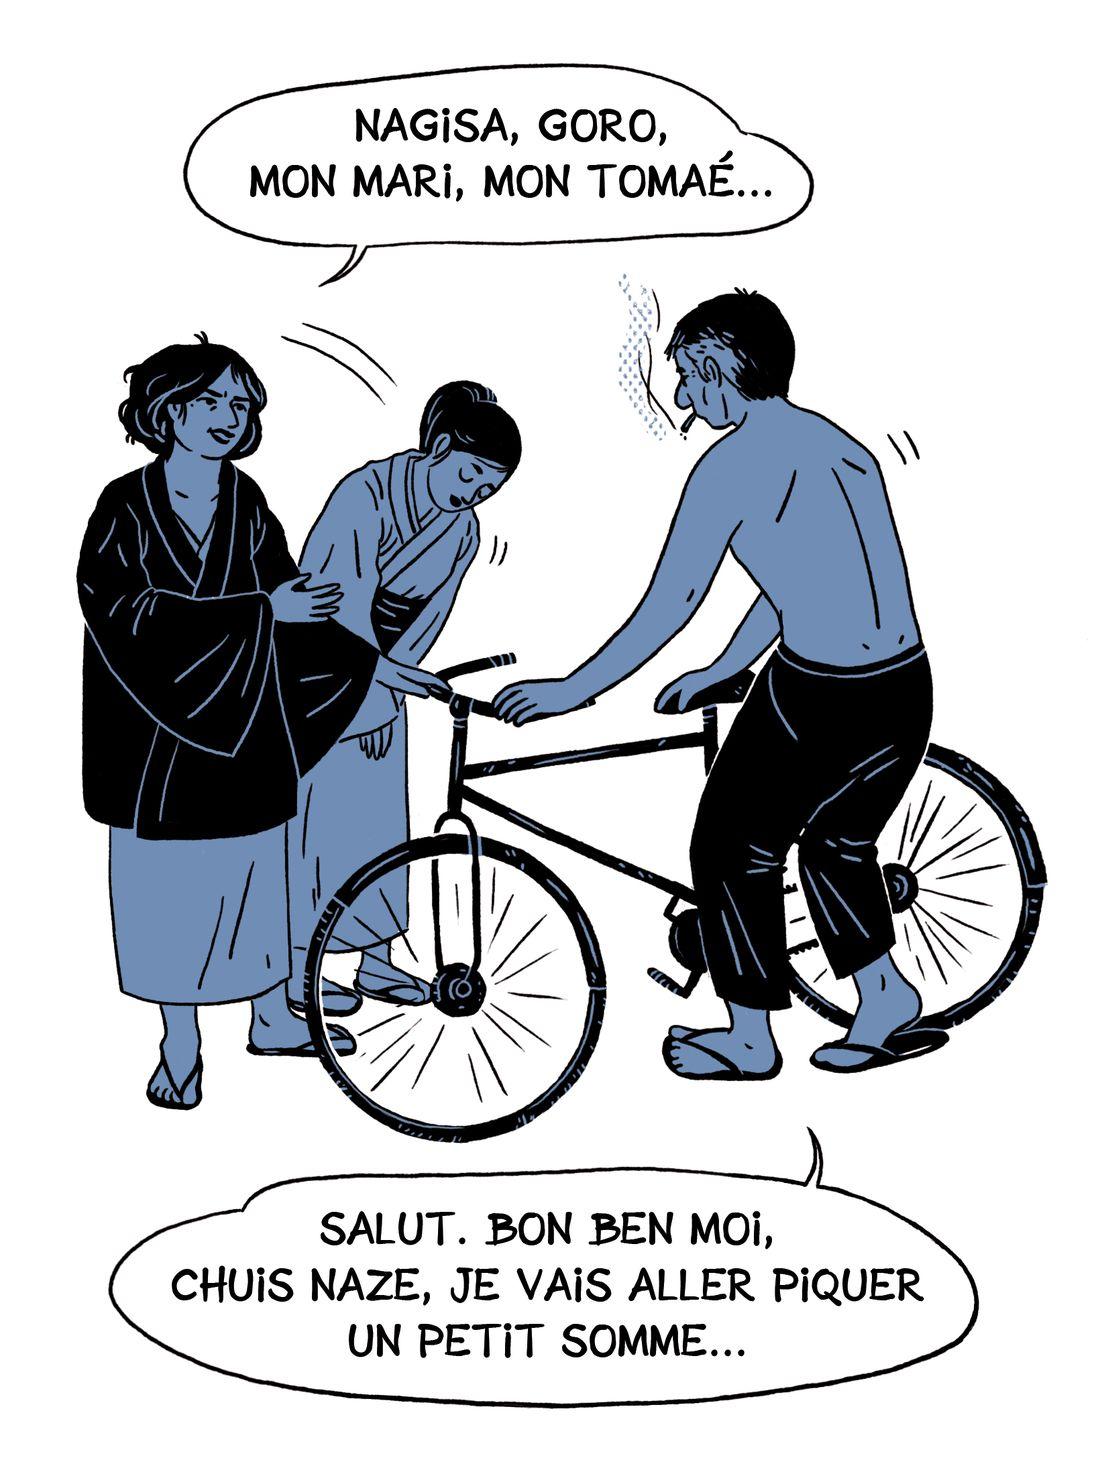 Ama - Le souffle des femmes, case de l'album © Sarbacane / Becq